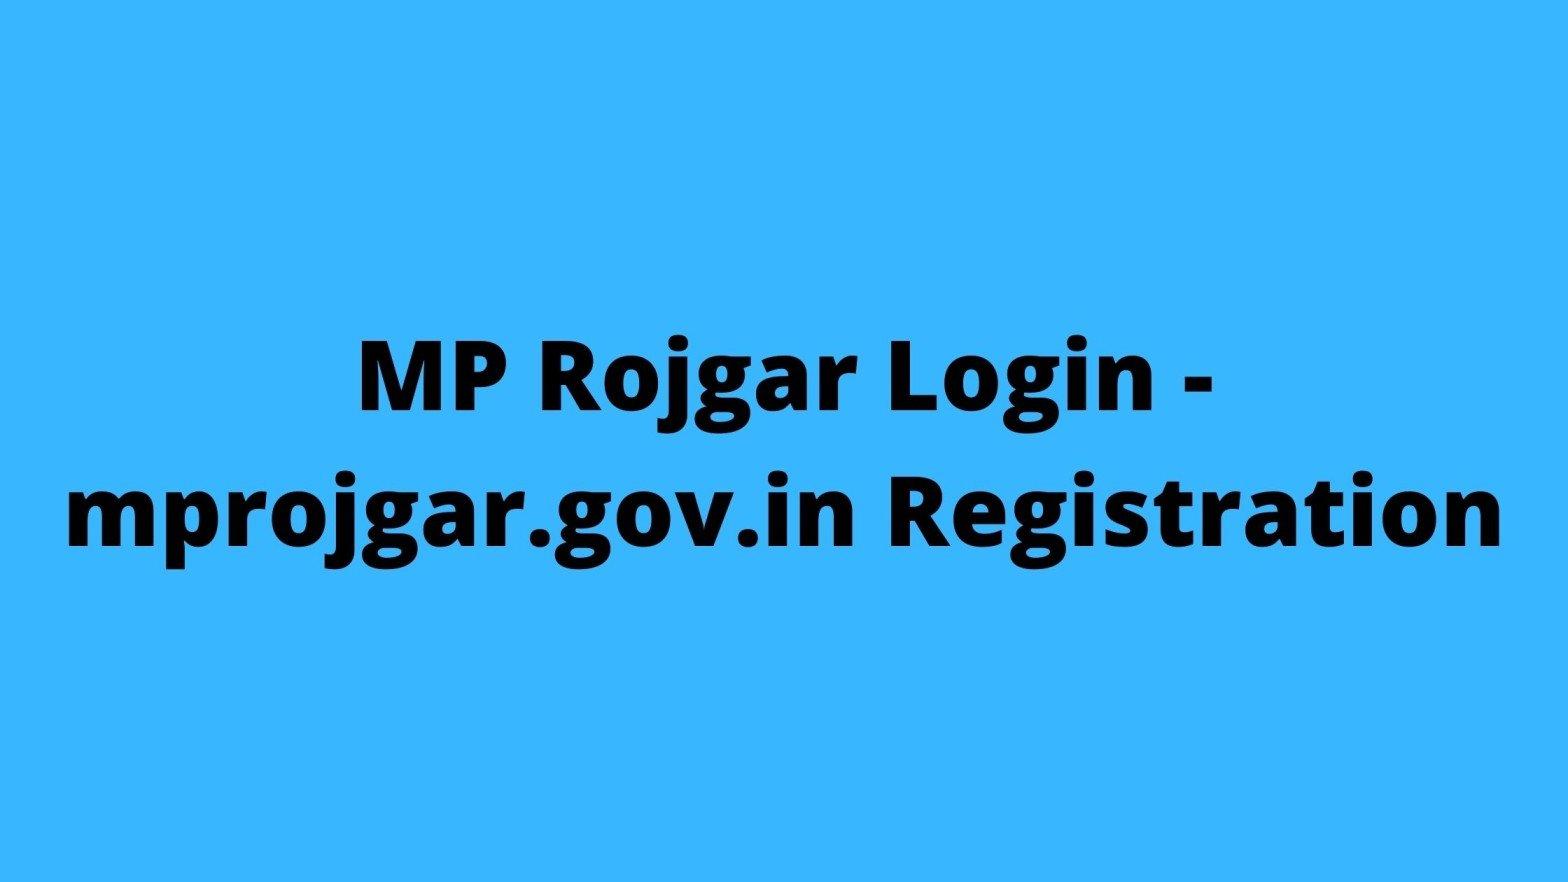 MP Rojgar Login -mprojgar.gov.in Registration, Know Your Registration Detail ,Registration number and Renew registration